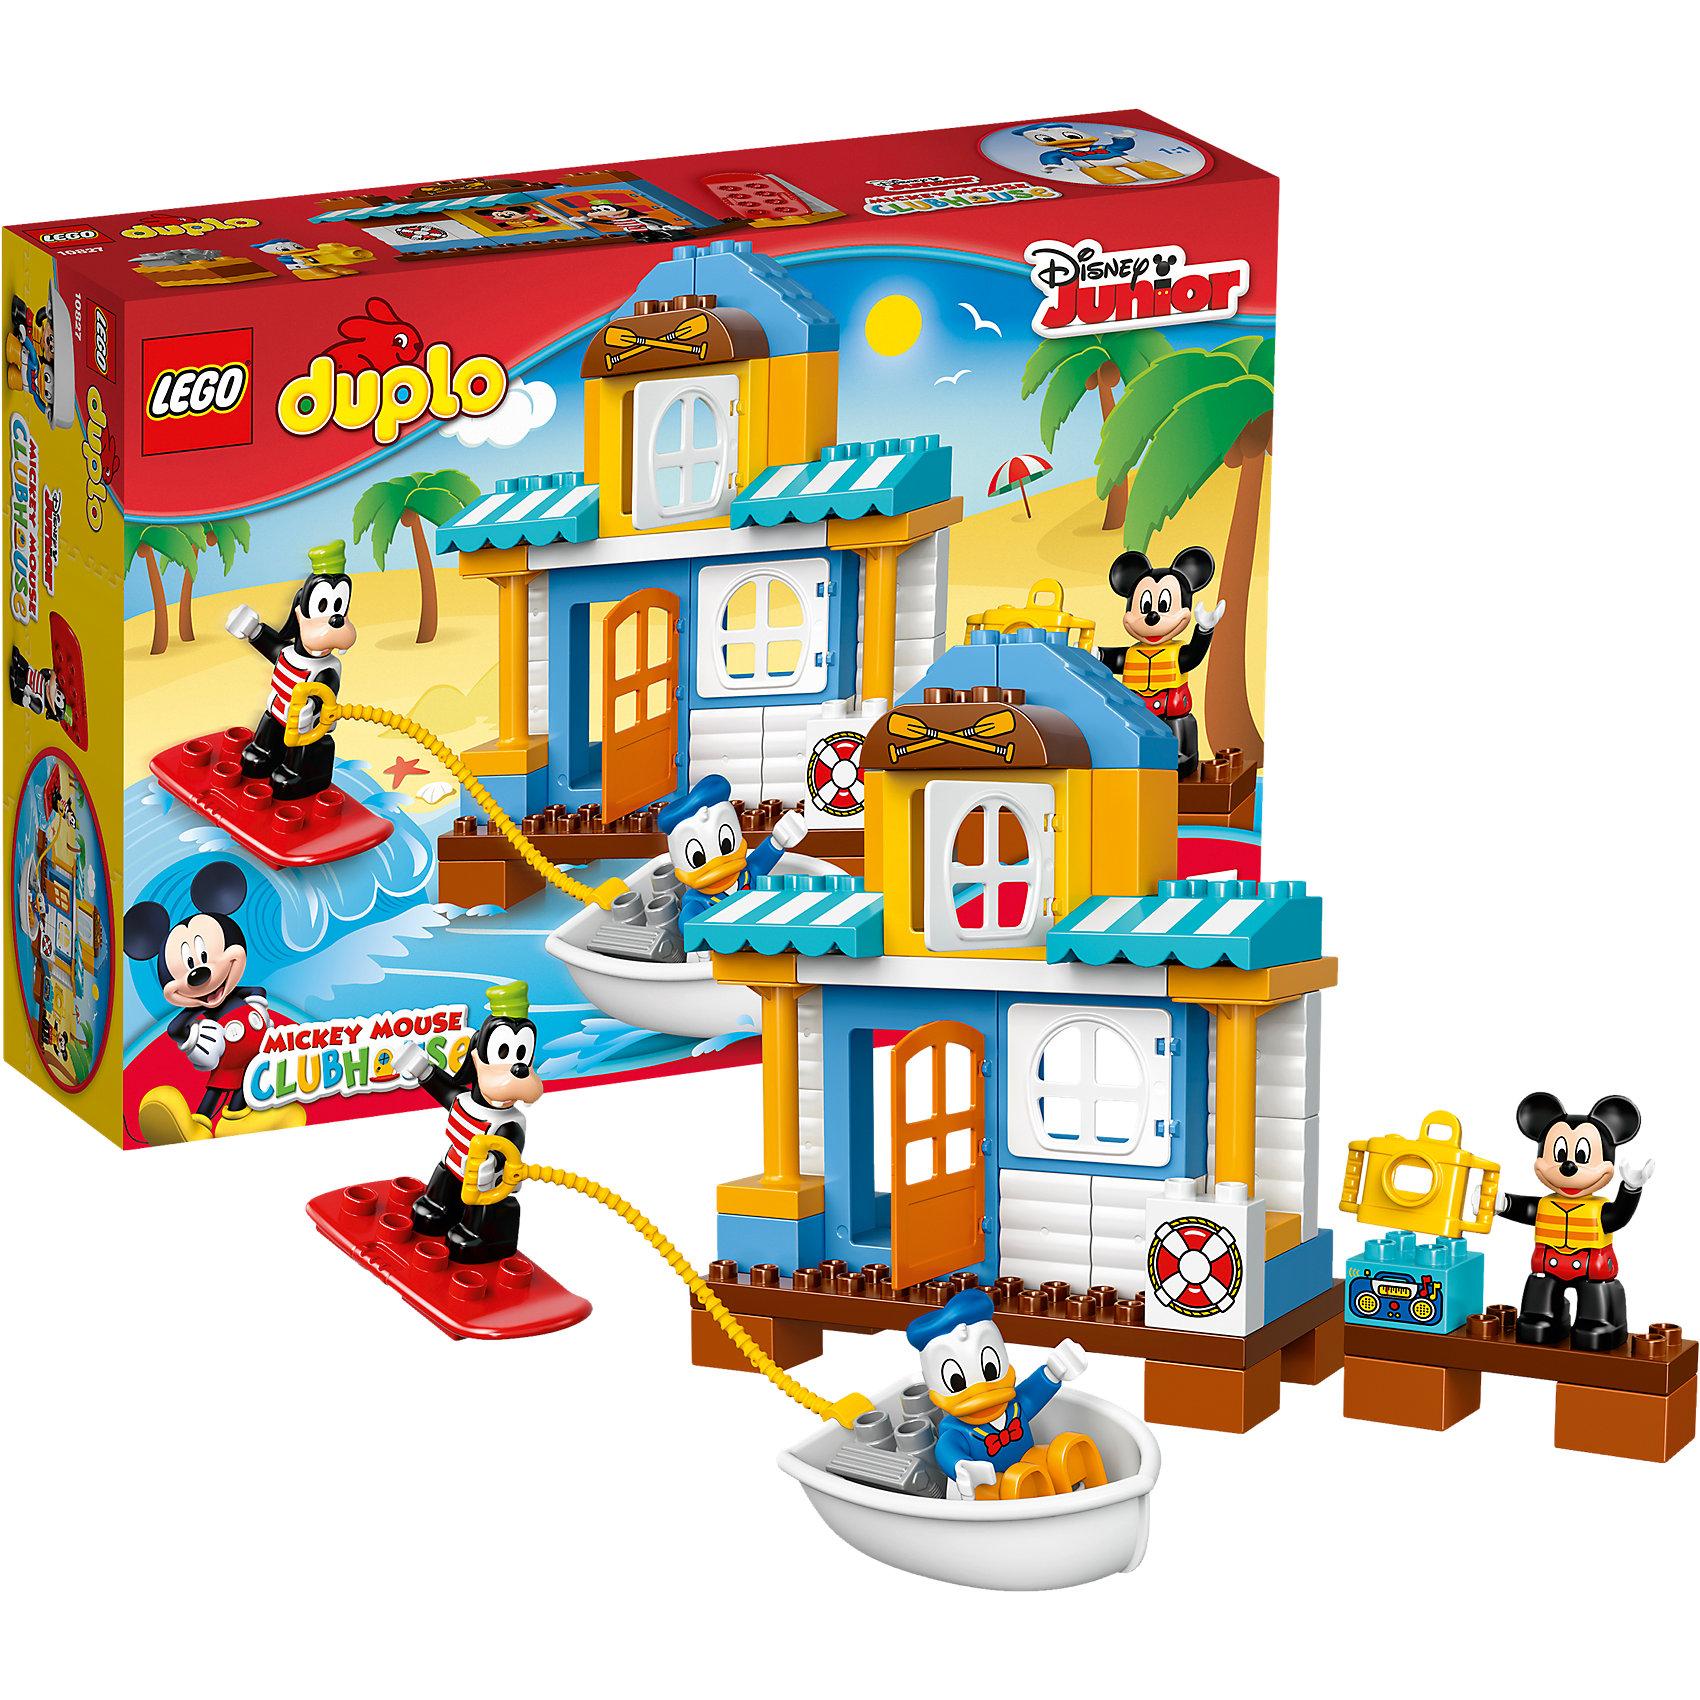 LEGO DUPLO 10827: Домик на пляжеГероев из мультфильмов Диснея обожает множество современных детей, поэтому набор Лего, из которого можно собрать домик на пляже, обязательно обрадует ребенка. Такие игрушки помогают детям развивать воображение, мелкую моторику, логику и творческое мышление.<br>Набор состоит из деталей, с помощью которых можно сделать домик, а также в нем есть фигурки любимых персонажей! С таким комплектом можно придумать множество игр!<br><br>Дополнительная информация:<br><br>цвет: разноцветный;<br>размер коробки: 38,2 х 9,4 х 26,2 см;<br>вес: 780 г;<br>материал: пластик;<br>количество деталей: 48.<br><br>Набор Домик на пляже  от бренда LEGO DUPLO можно купить в нашем магазине.<br><br>Ширина мм: 384<br>Глубина мм: 264<br>Высота мм: 99<br>Вес г: 769<br>Возраст от месяцев: 24<br>Возраст до месяцев: 60<br>Пол: Унисекс<br>Возраст: Детский<br>SKU: 4641193